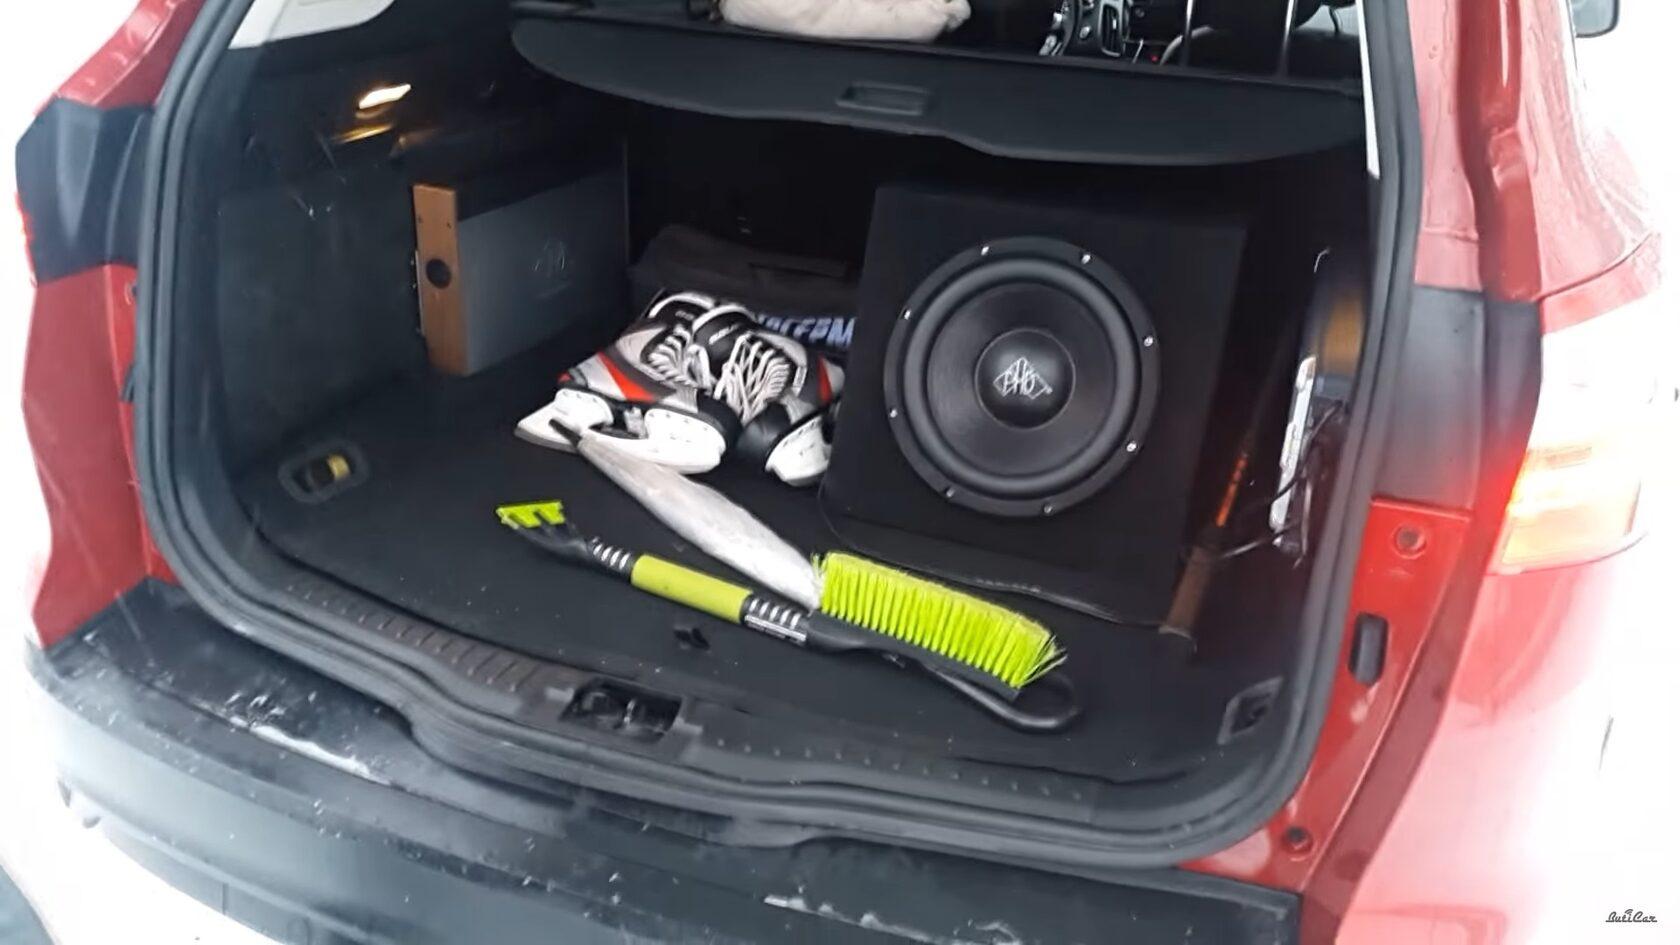 усилители и сабвуфер в форд фокус 3